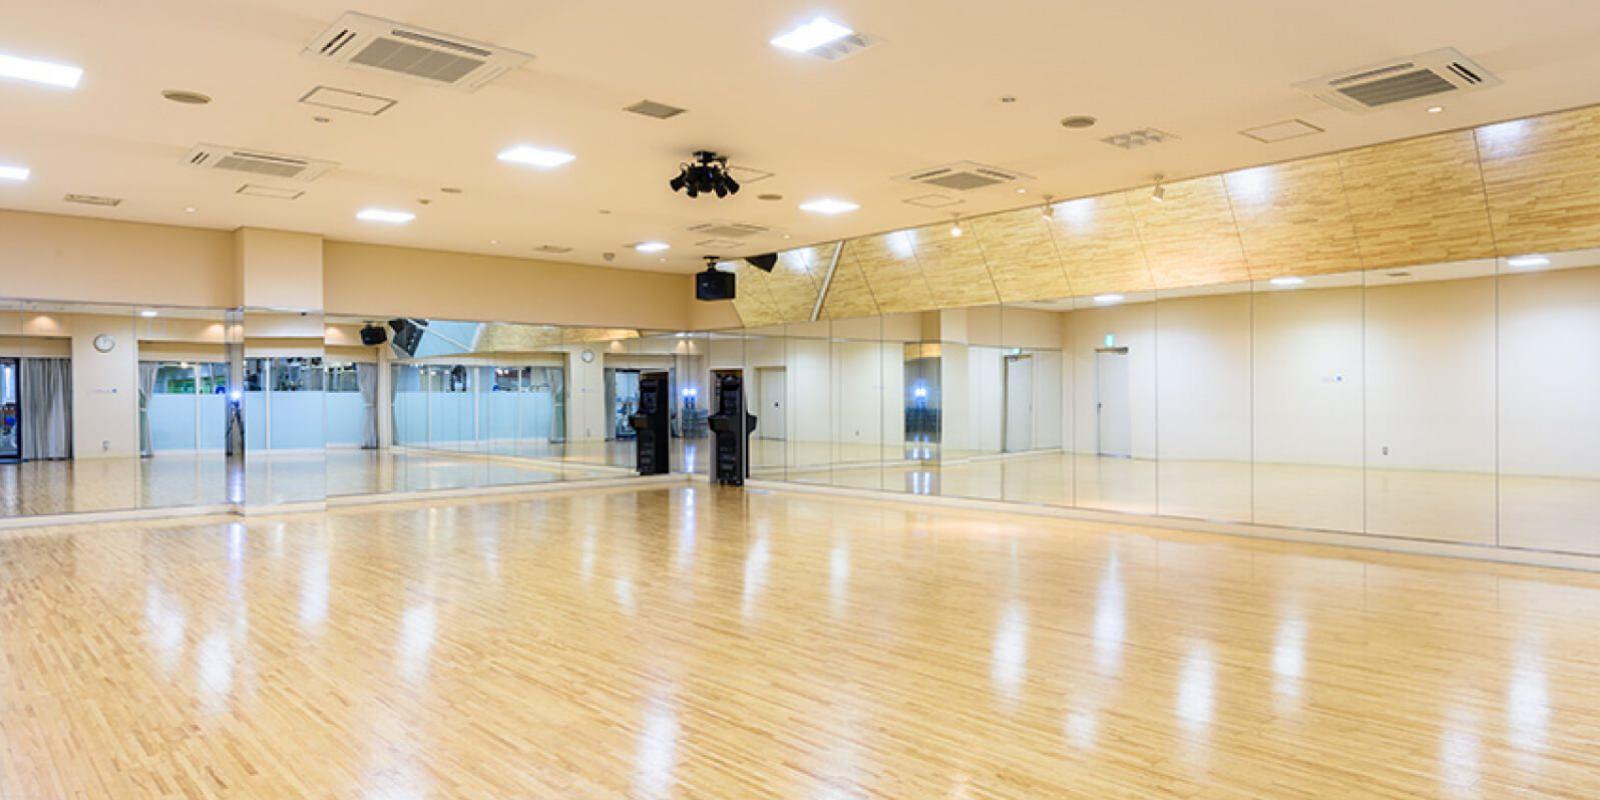 町田店のスタジオB